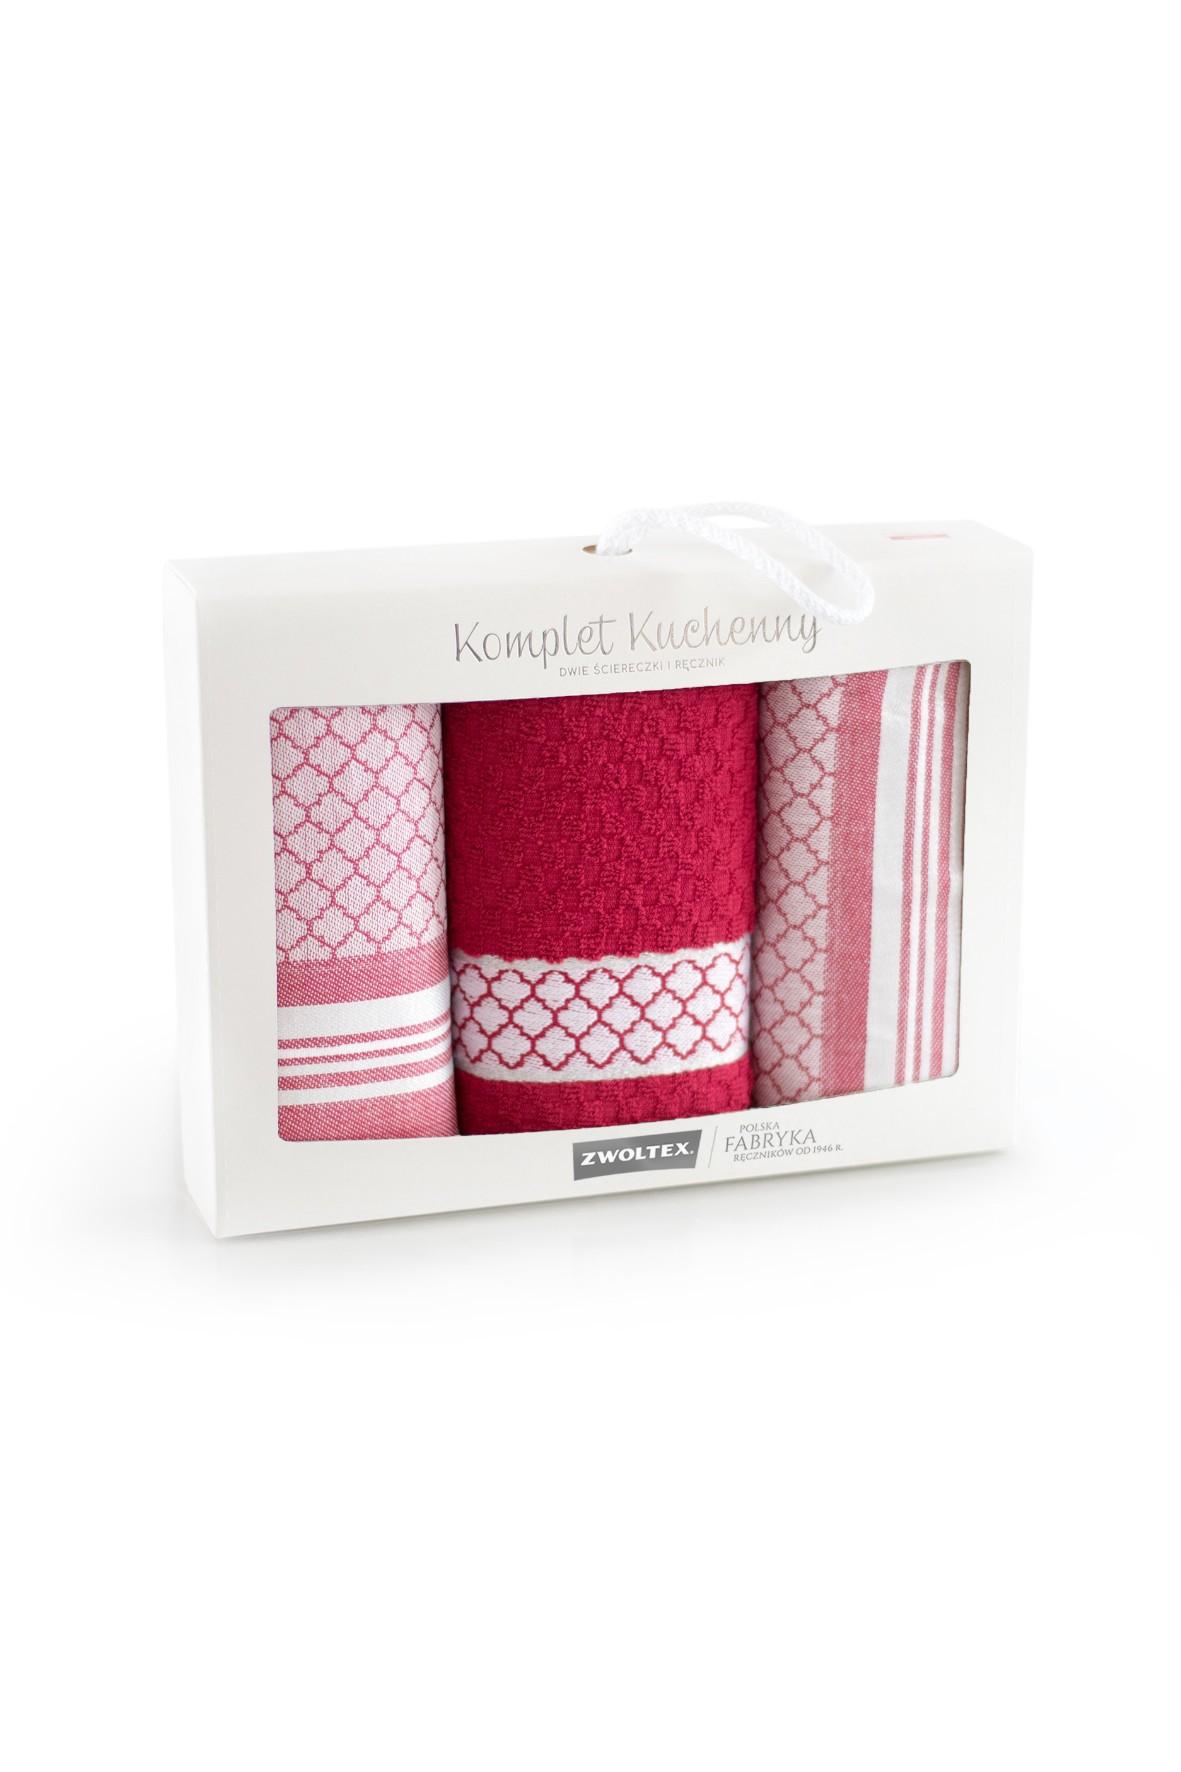 Komplet ściereczek kuchennych + ręcznik MAROKO bordo 3pak